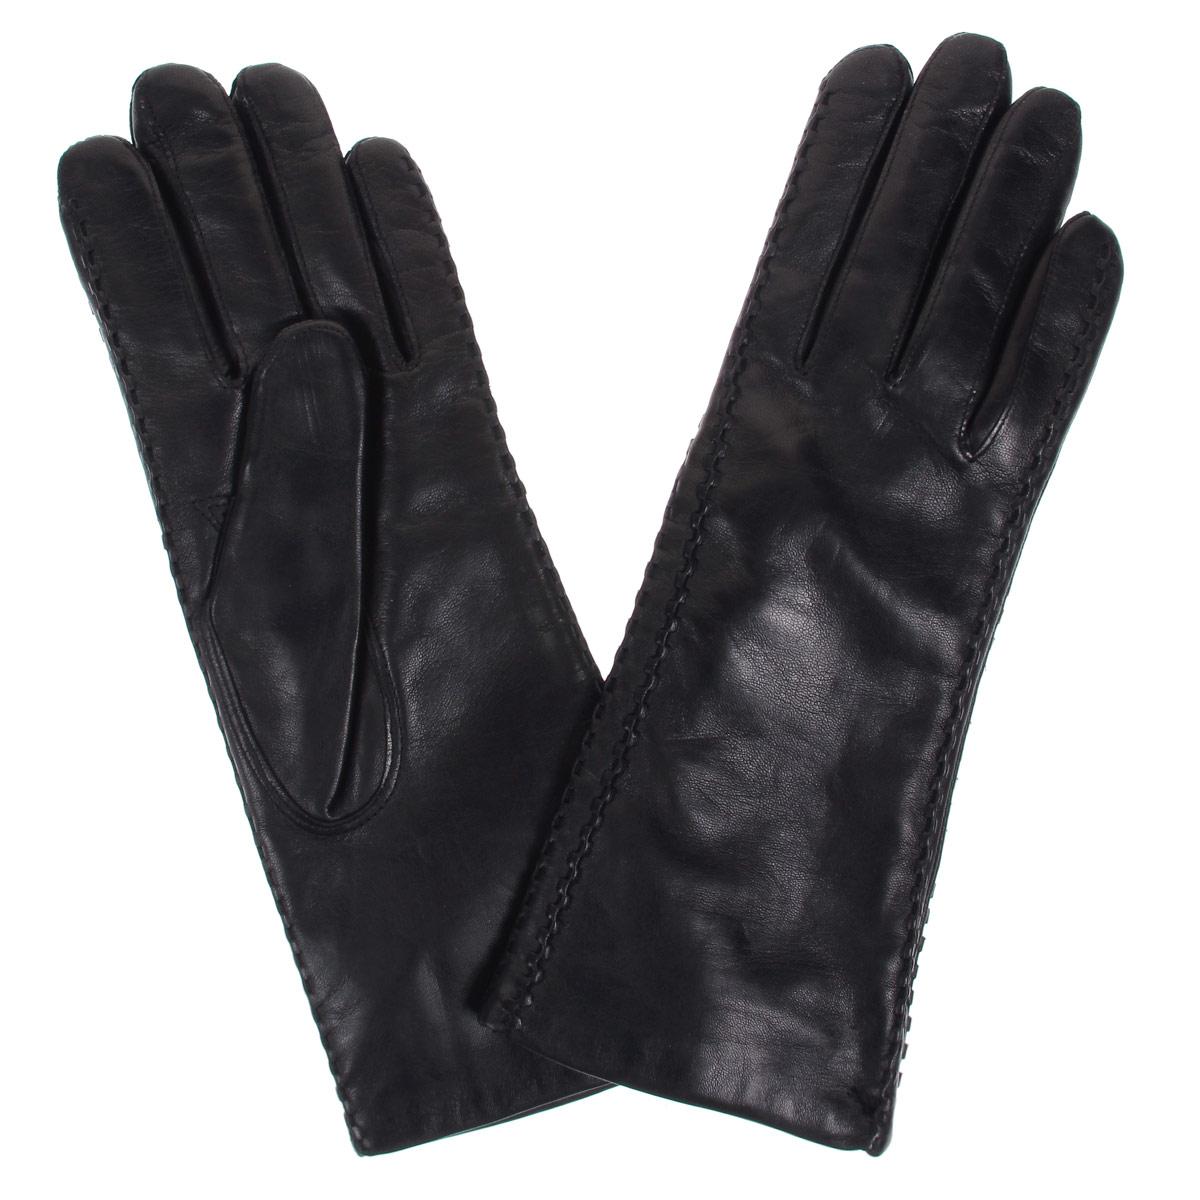 Перчатки женские Bartoc, цвет: черный. DF12-257. Размер 6,5DF12-257Стильные женские перчатки Bartoc не только защитят ваши руки от холода, но и станут великолепным украшением. Они выполнены из мягкой и приятной на ощупь натуральной кожи ягненка, подкладка - из шерсти. Декорирована модель оригинальной рельефной отстрочкой. Перчатки являются неотъемлемой принадлежностью одежды, вместе с этим аксессуаром вы обретаете женственность и элегантность. Они станут завершающим и подчеркивающим элементом вашего неповторимого стиля и индивидуальности.